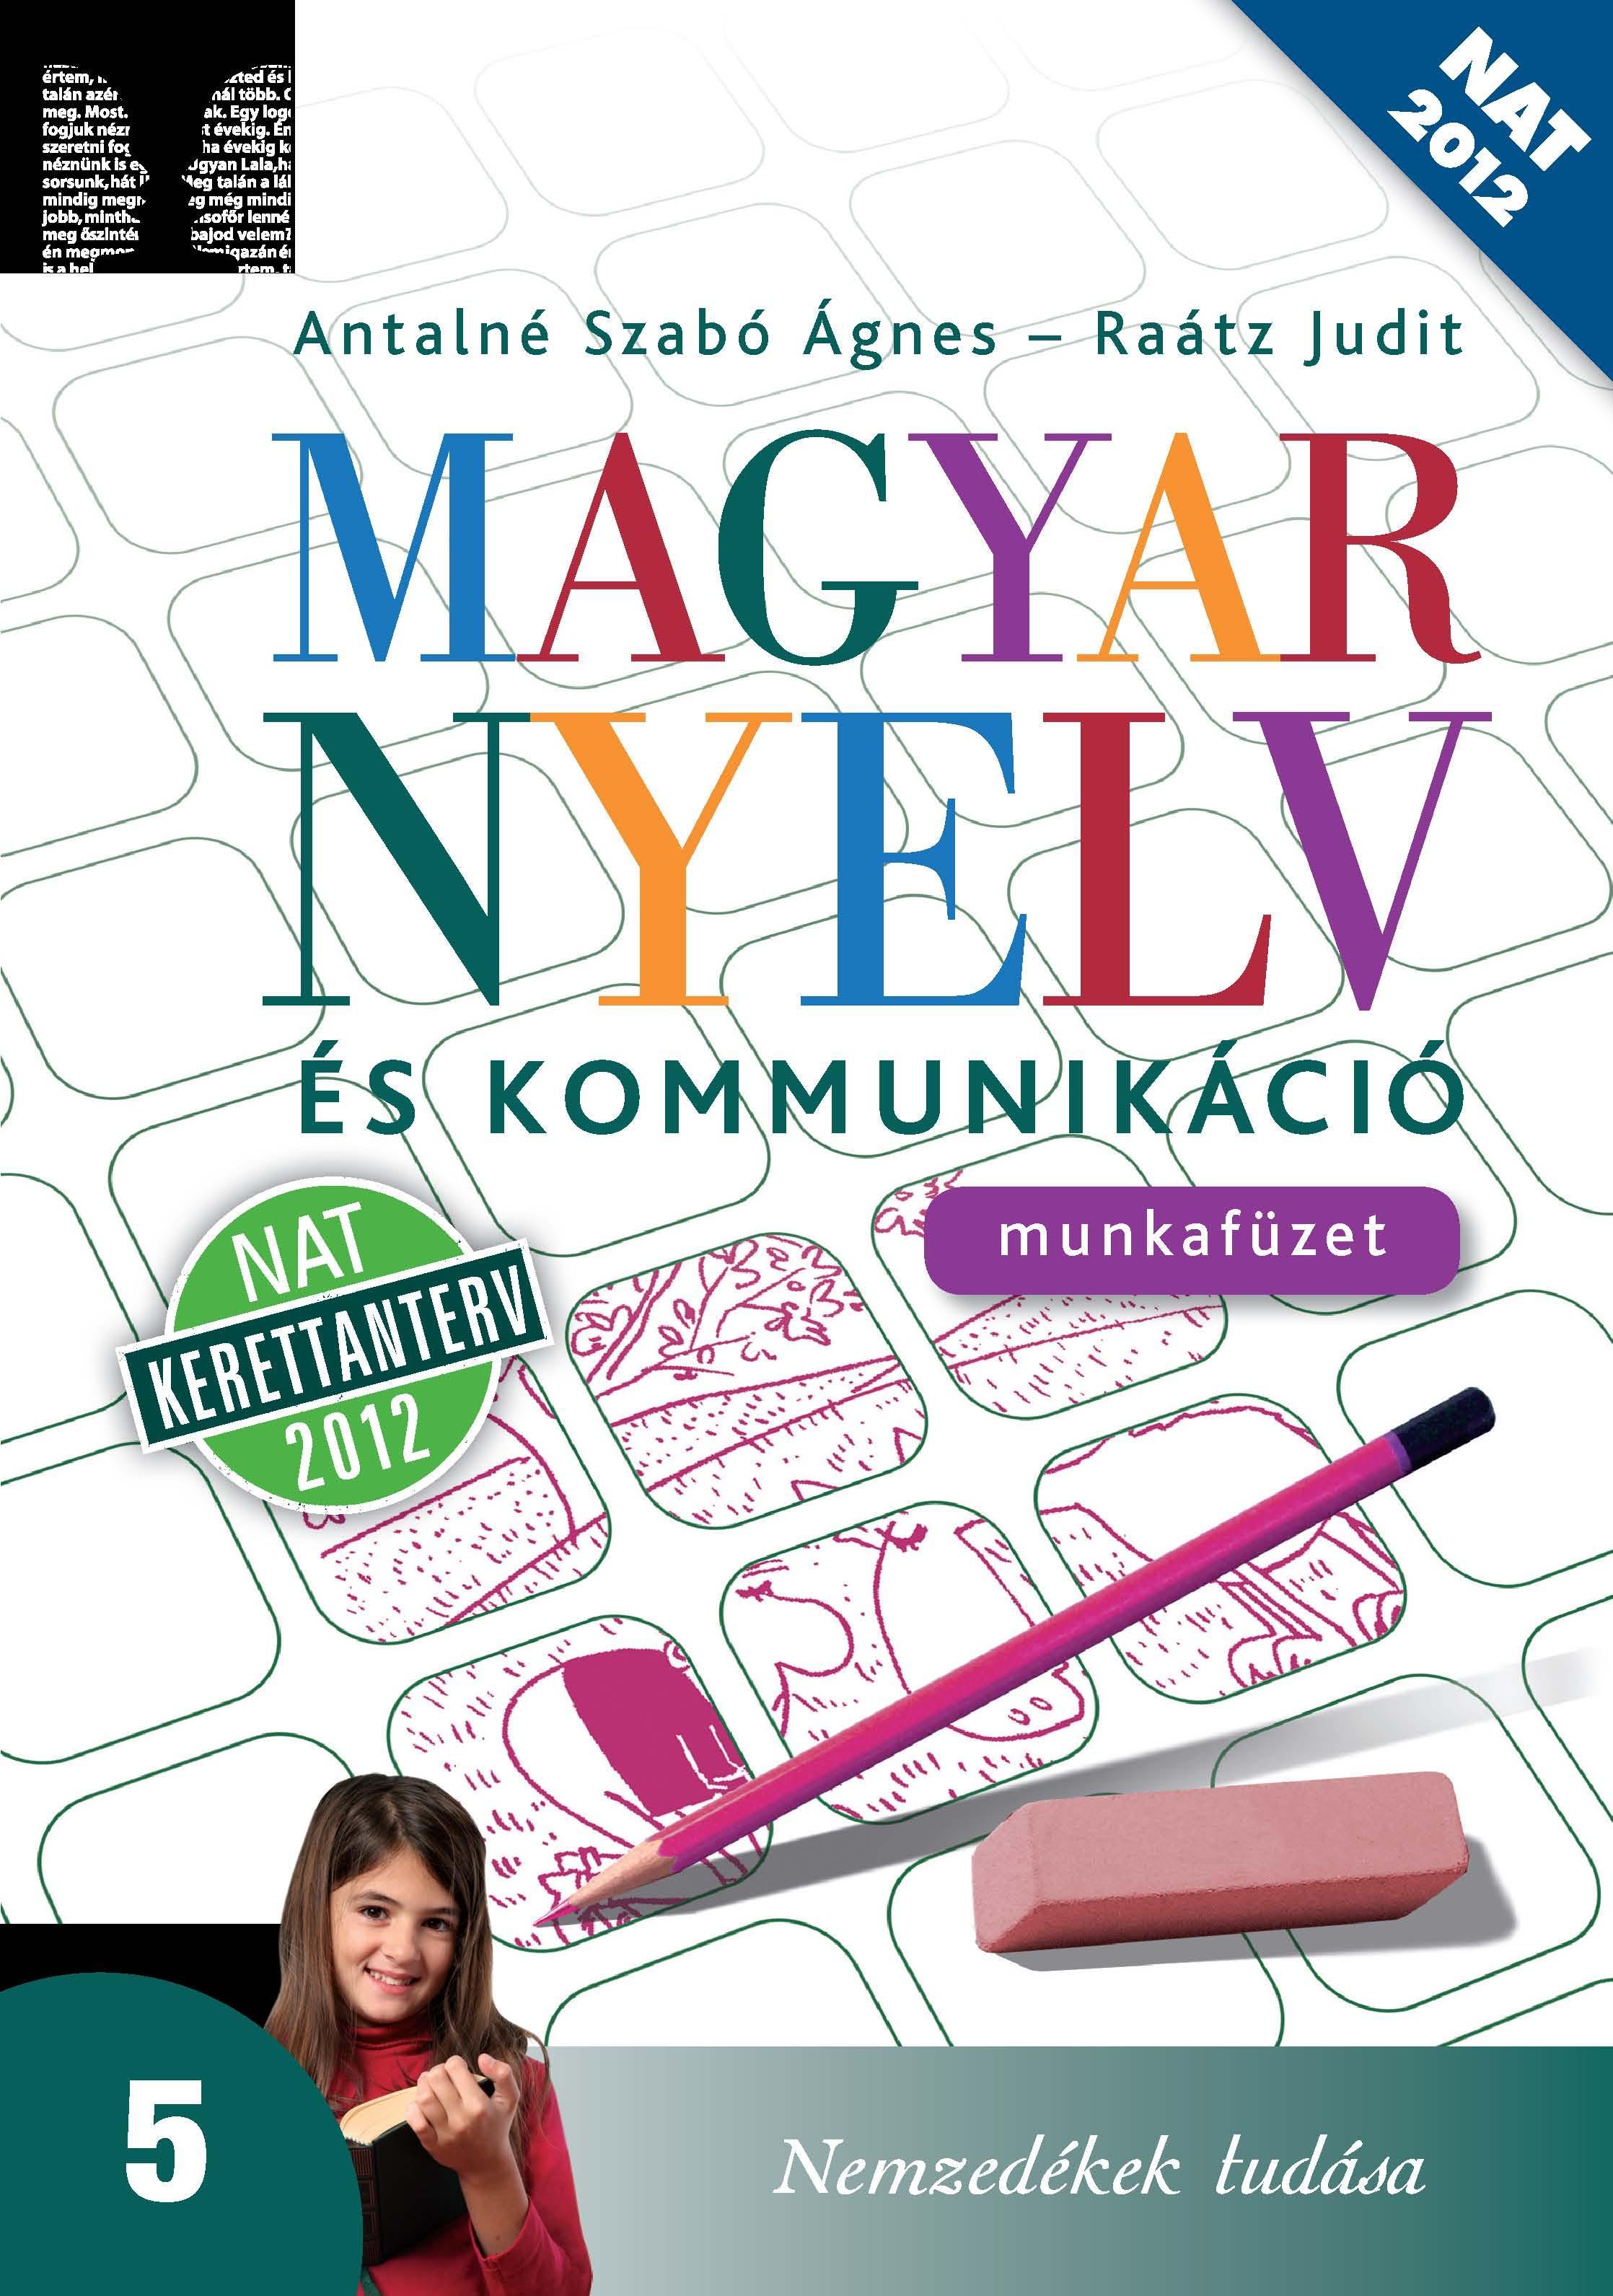 Magyar nyelv és kommunikáció Munkafüzet 5. évfolyam számára